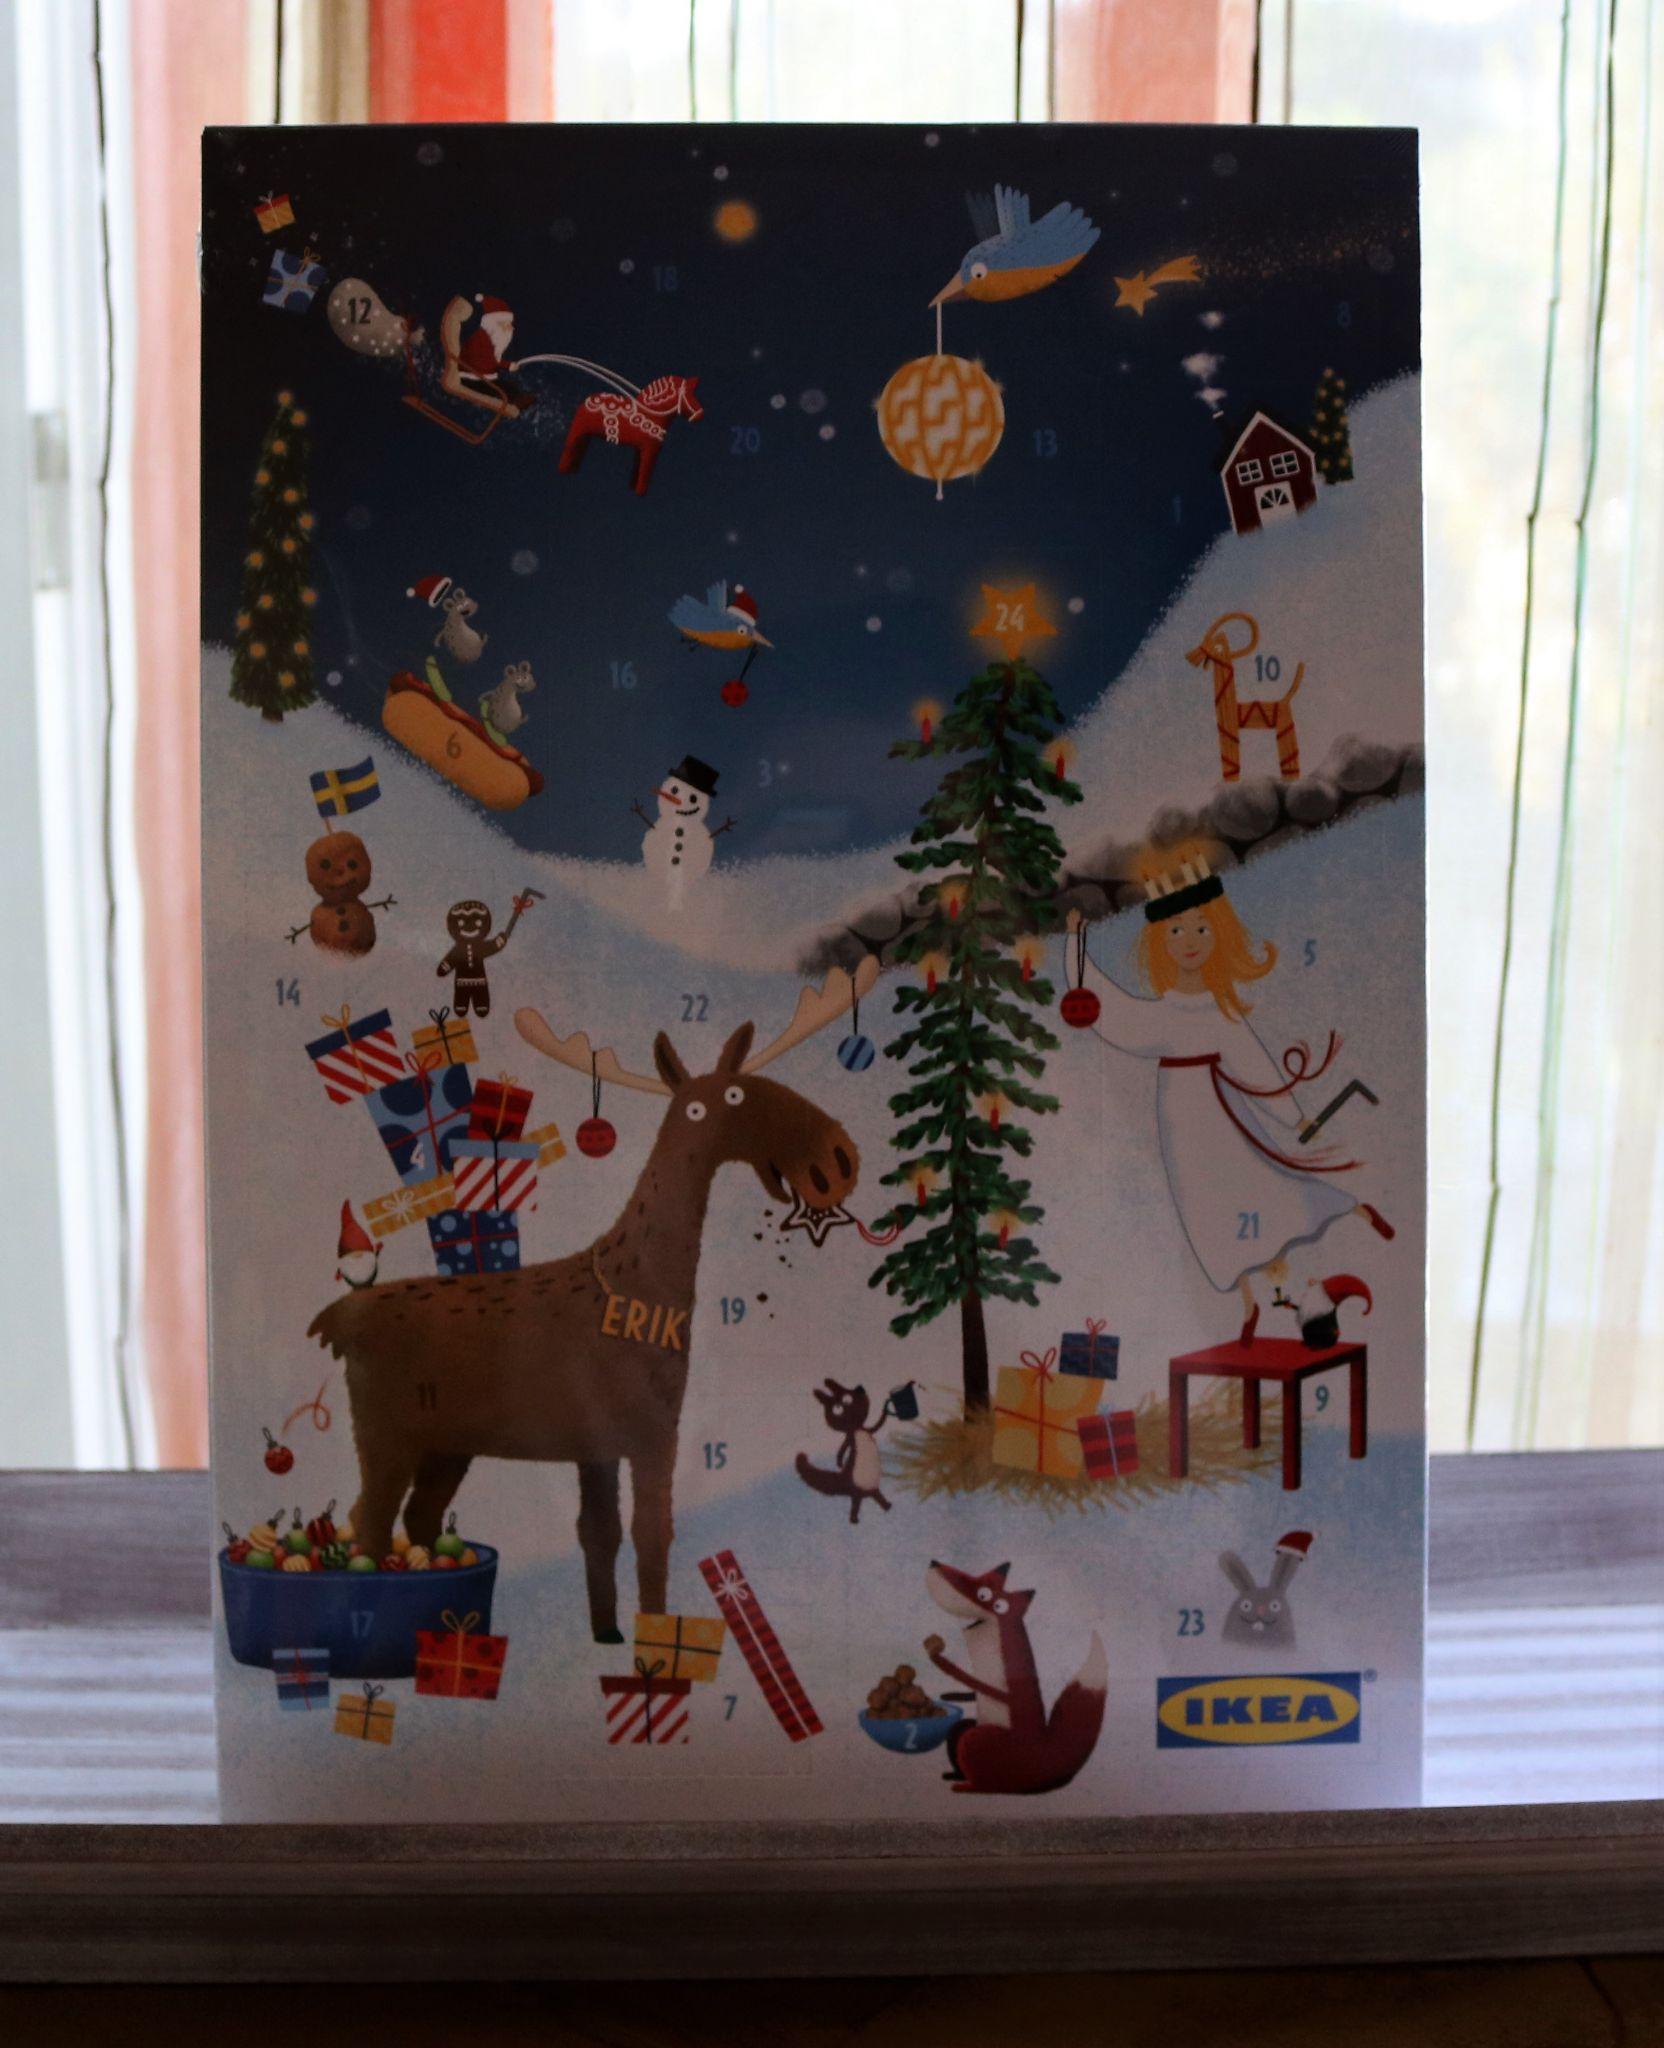 ikea wohnzimmer gewinnspiel : Gewinnspiel Ikea Adventskalender Pidufo S Welt